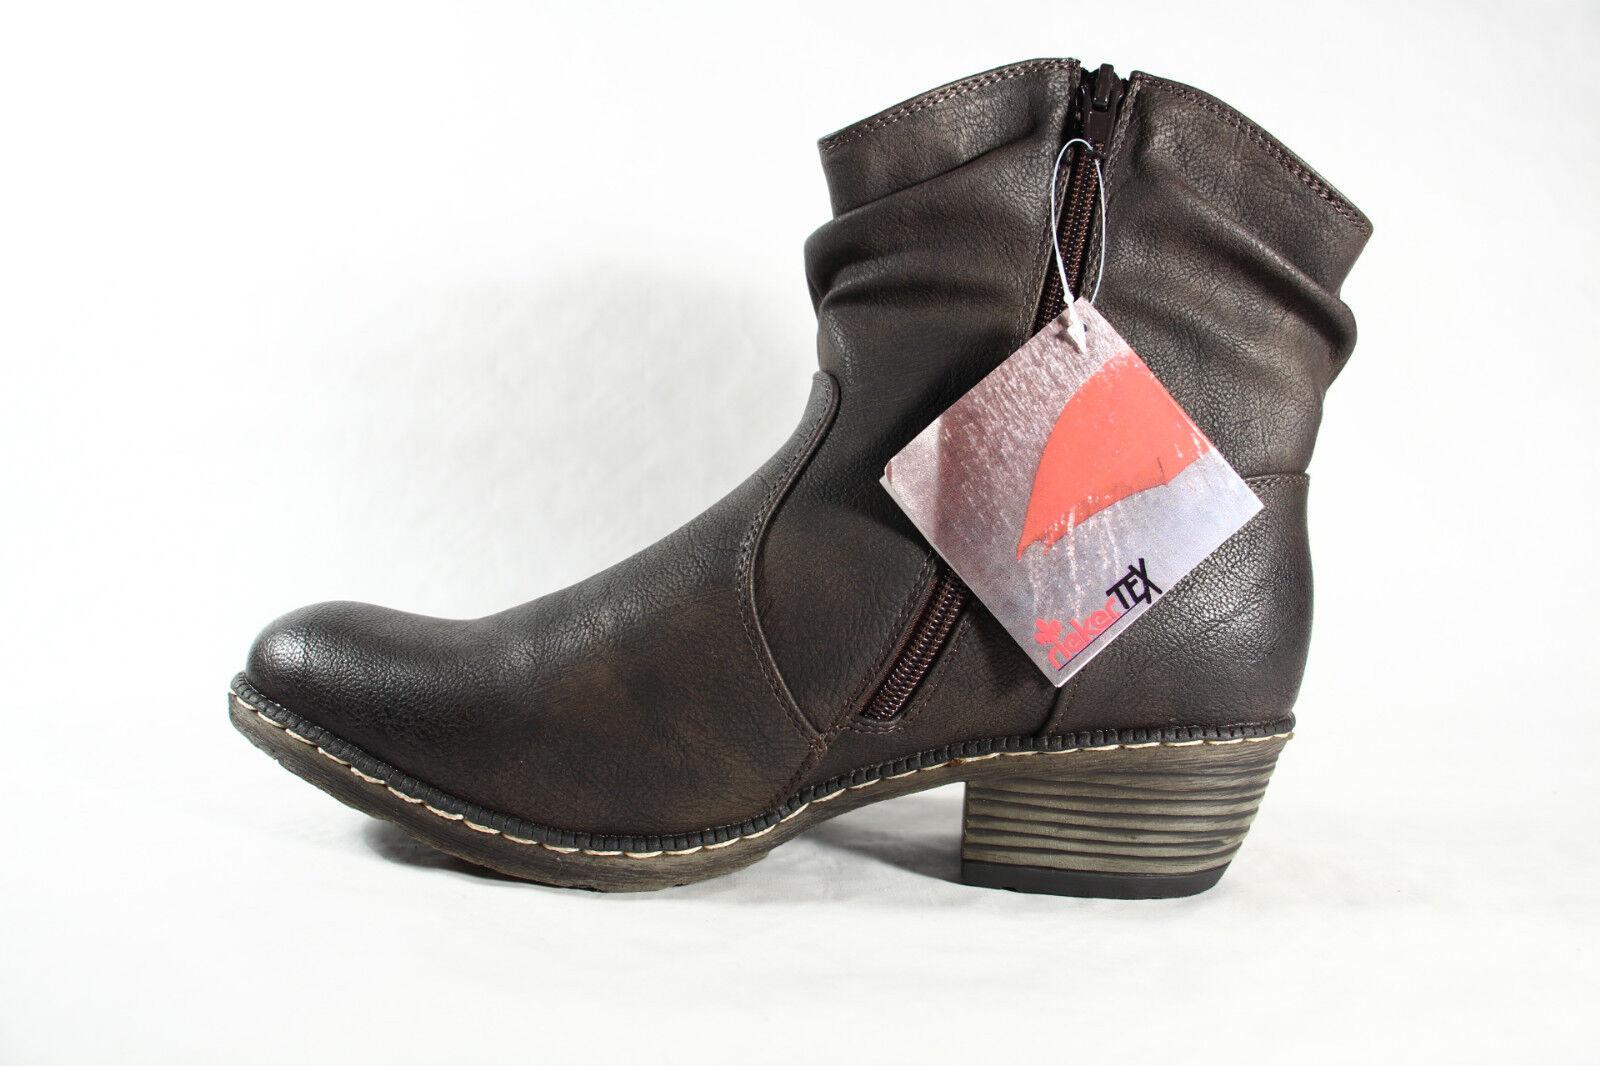 Rieker Botines de botas de Botines invierno cremallera, Forro Cálido 93782 NUEVO 41c619